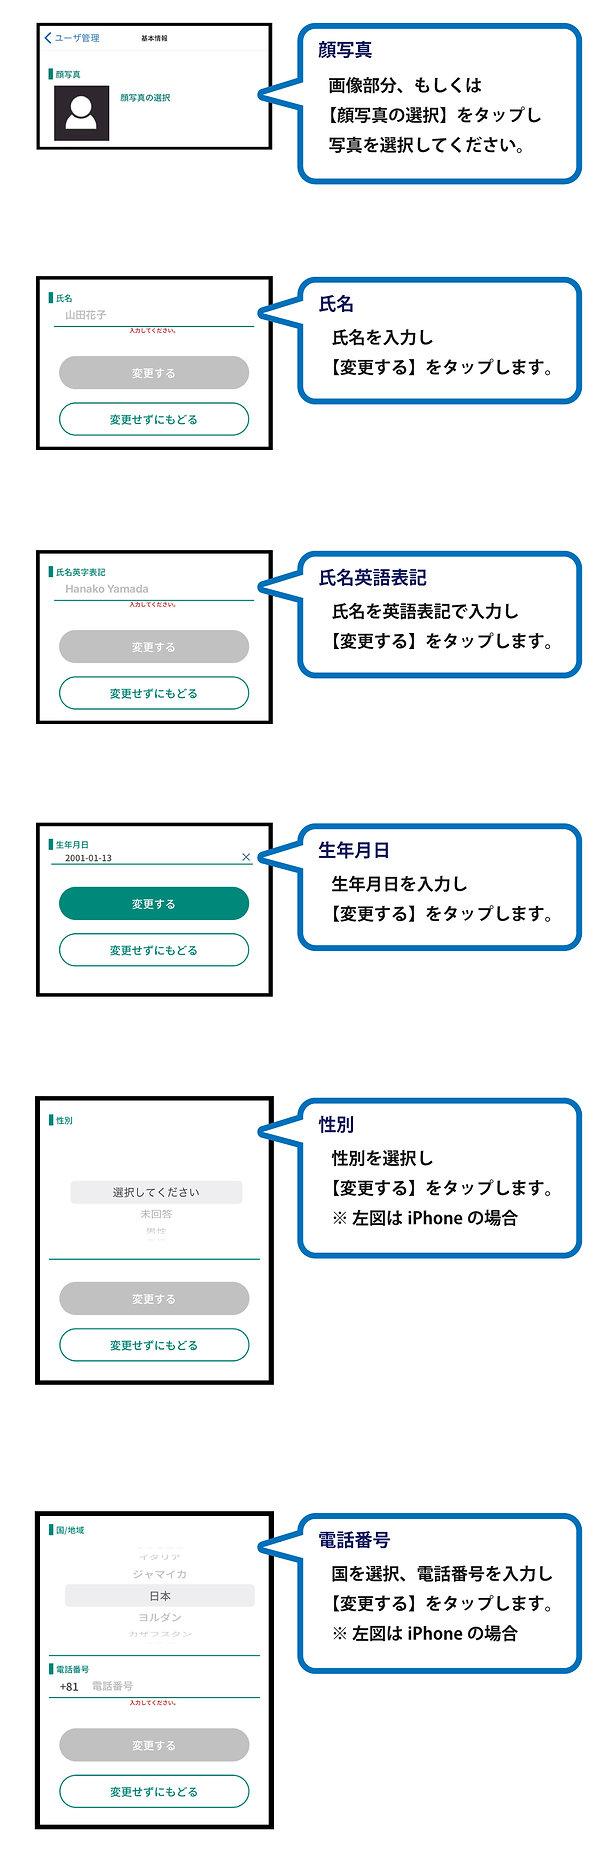 10_基本情報2.jpg